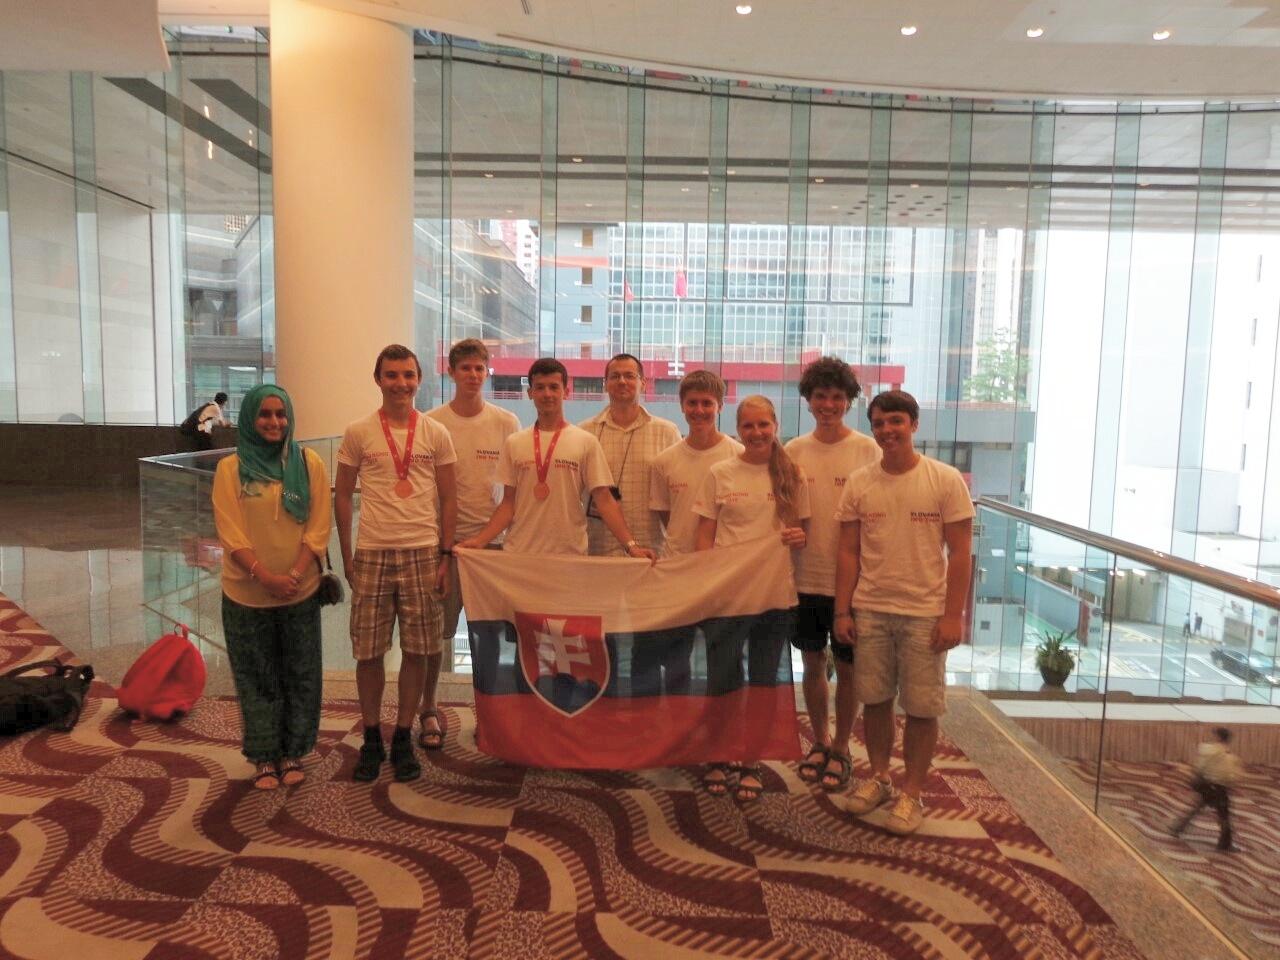 Slovenská delegácia na Medzinárodnej matematickej olympiáde v Hong Kongu